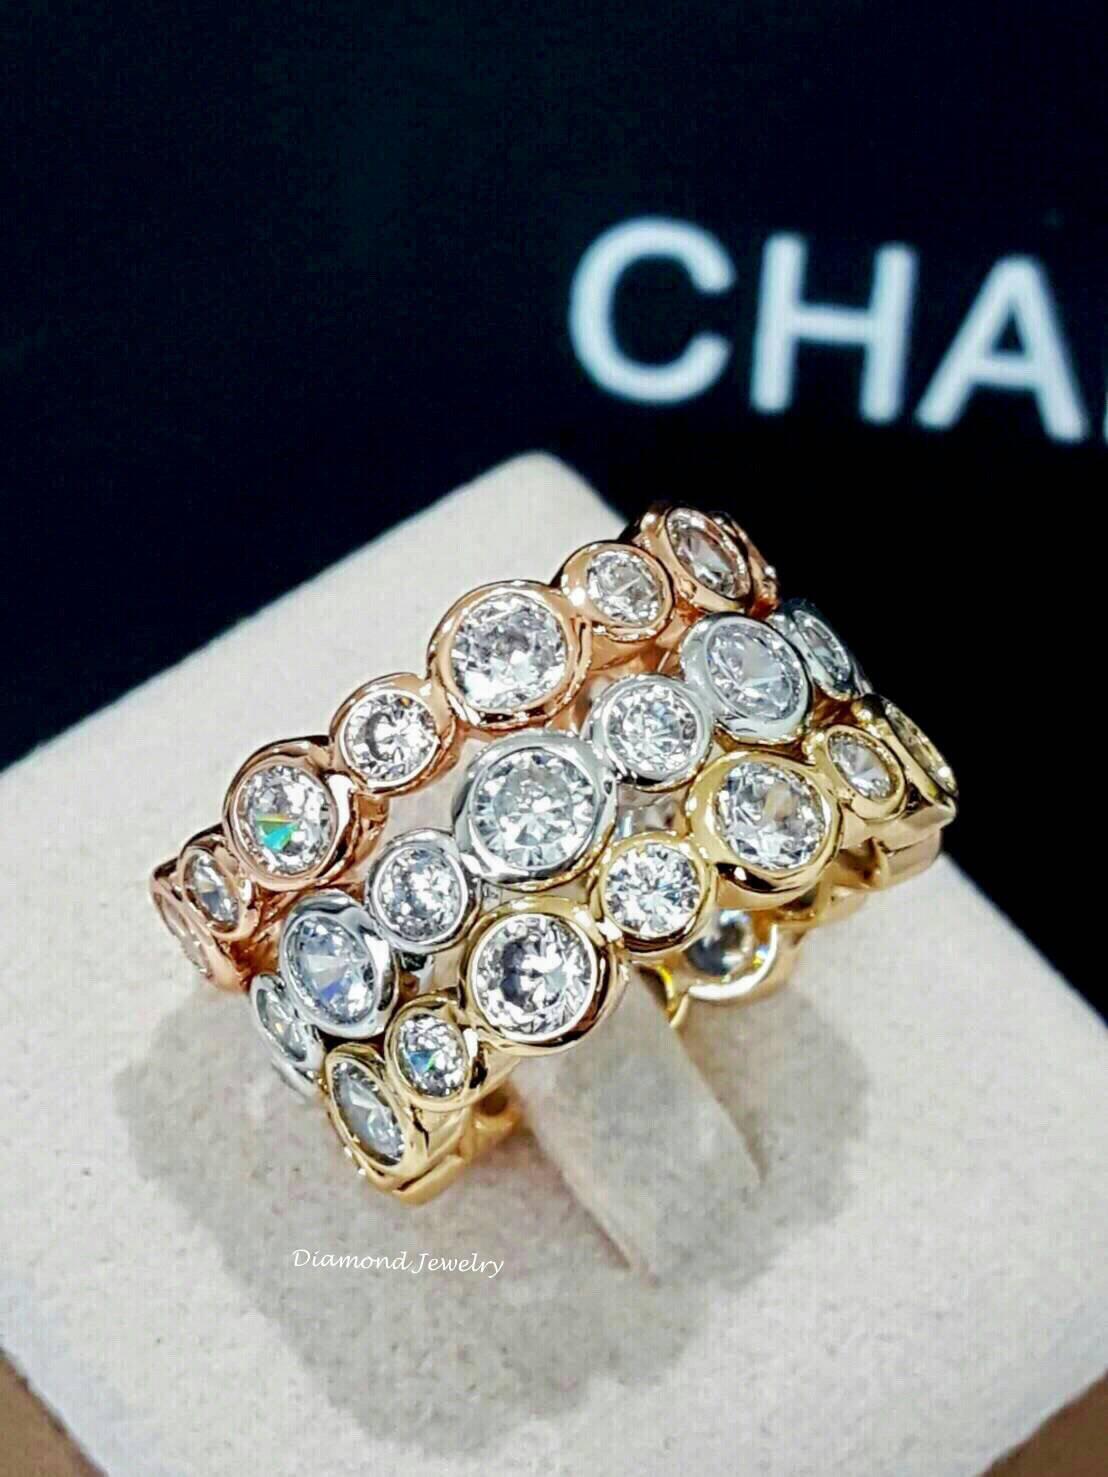 พร้อมส่ง Diamond Ring งาน 3 กษัตริย์สวยมาก